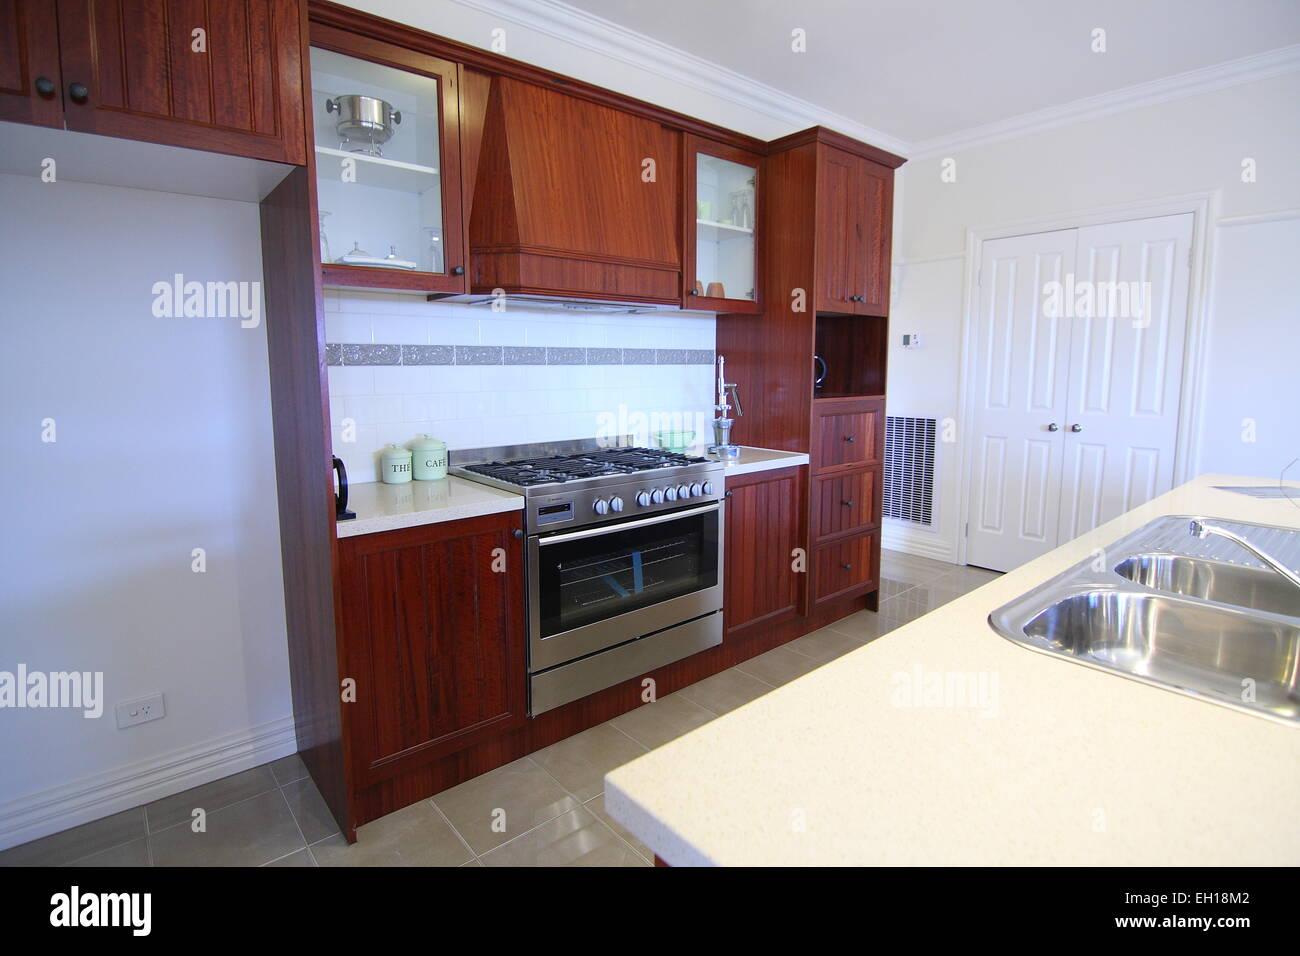 Cozinha Moderna Com Arm Rios De Madeira Foto Imagem De Stock